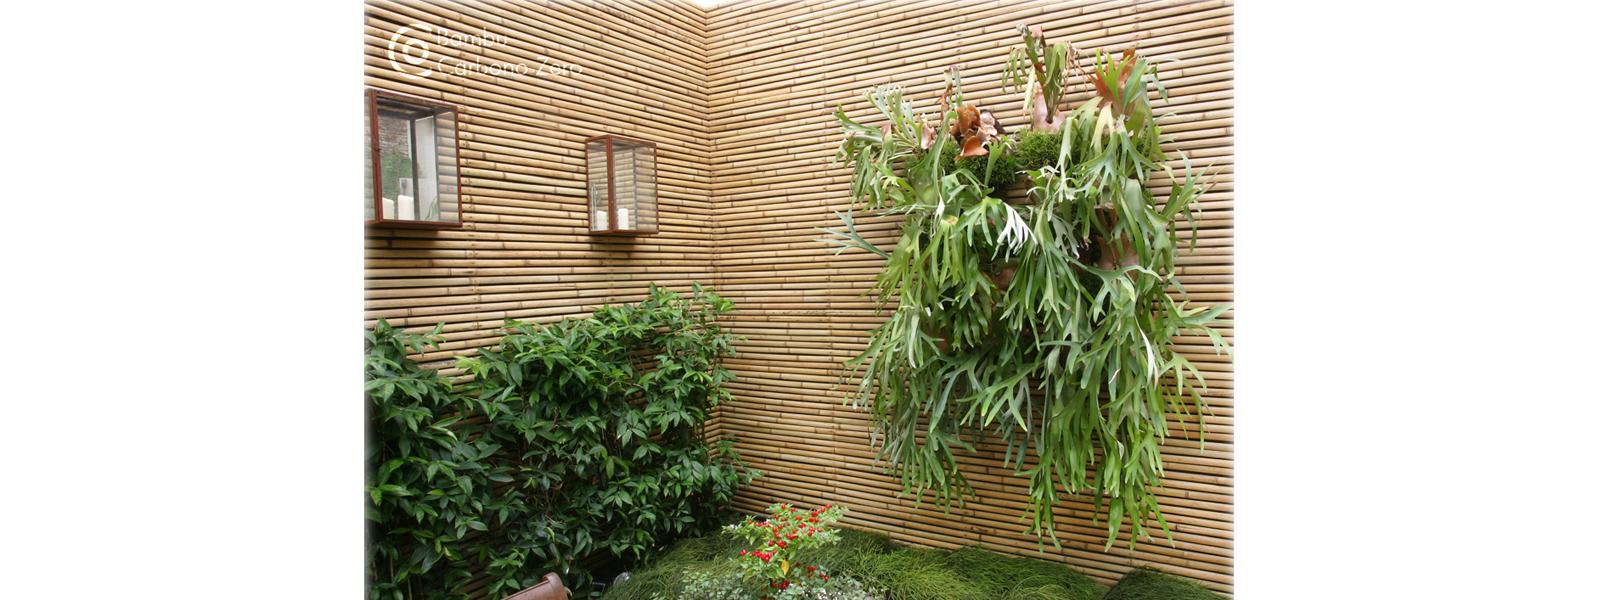 reguas-de-bambu